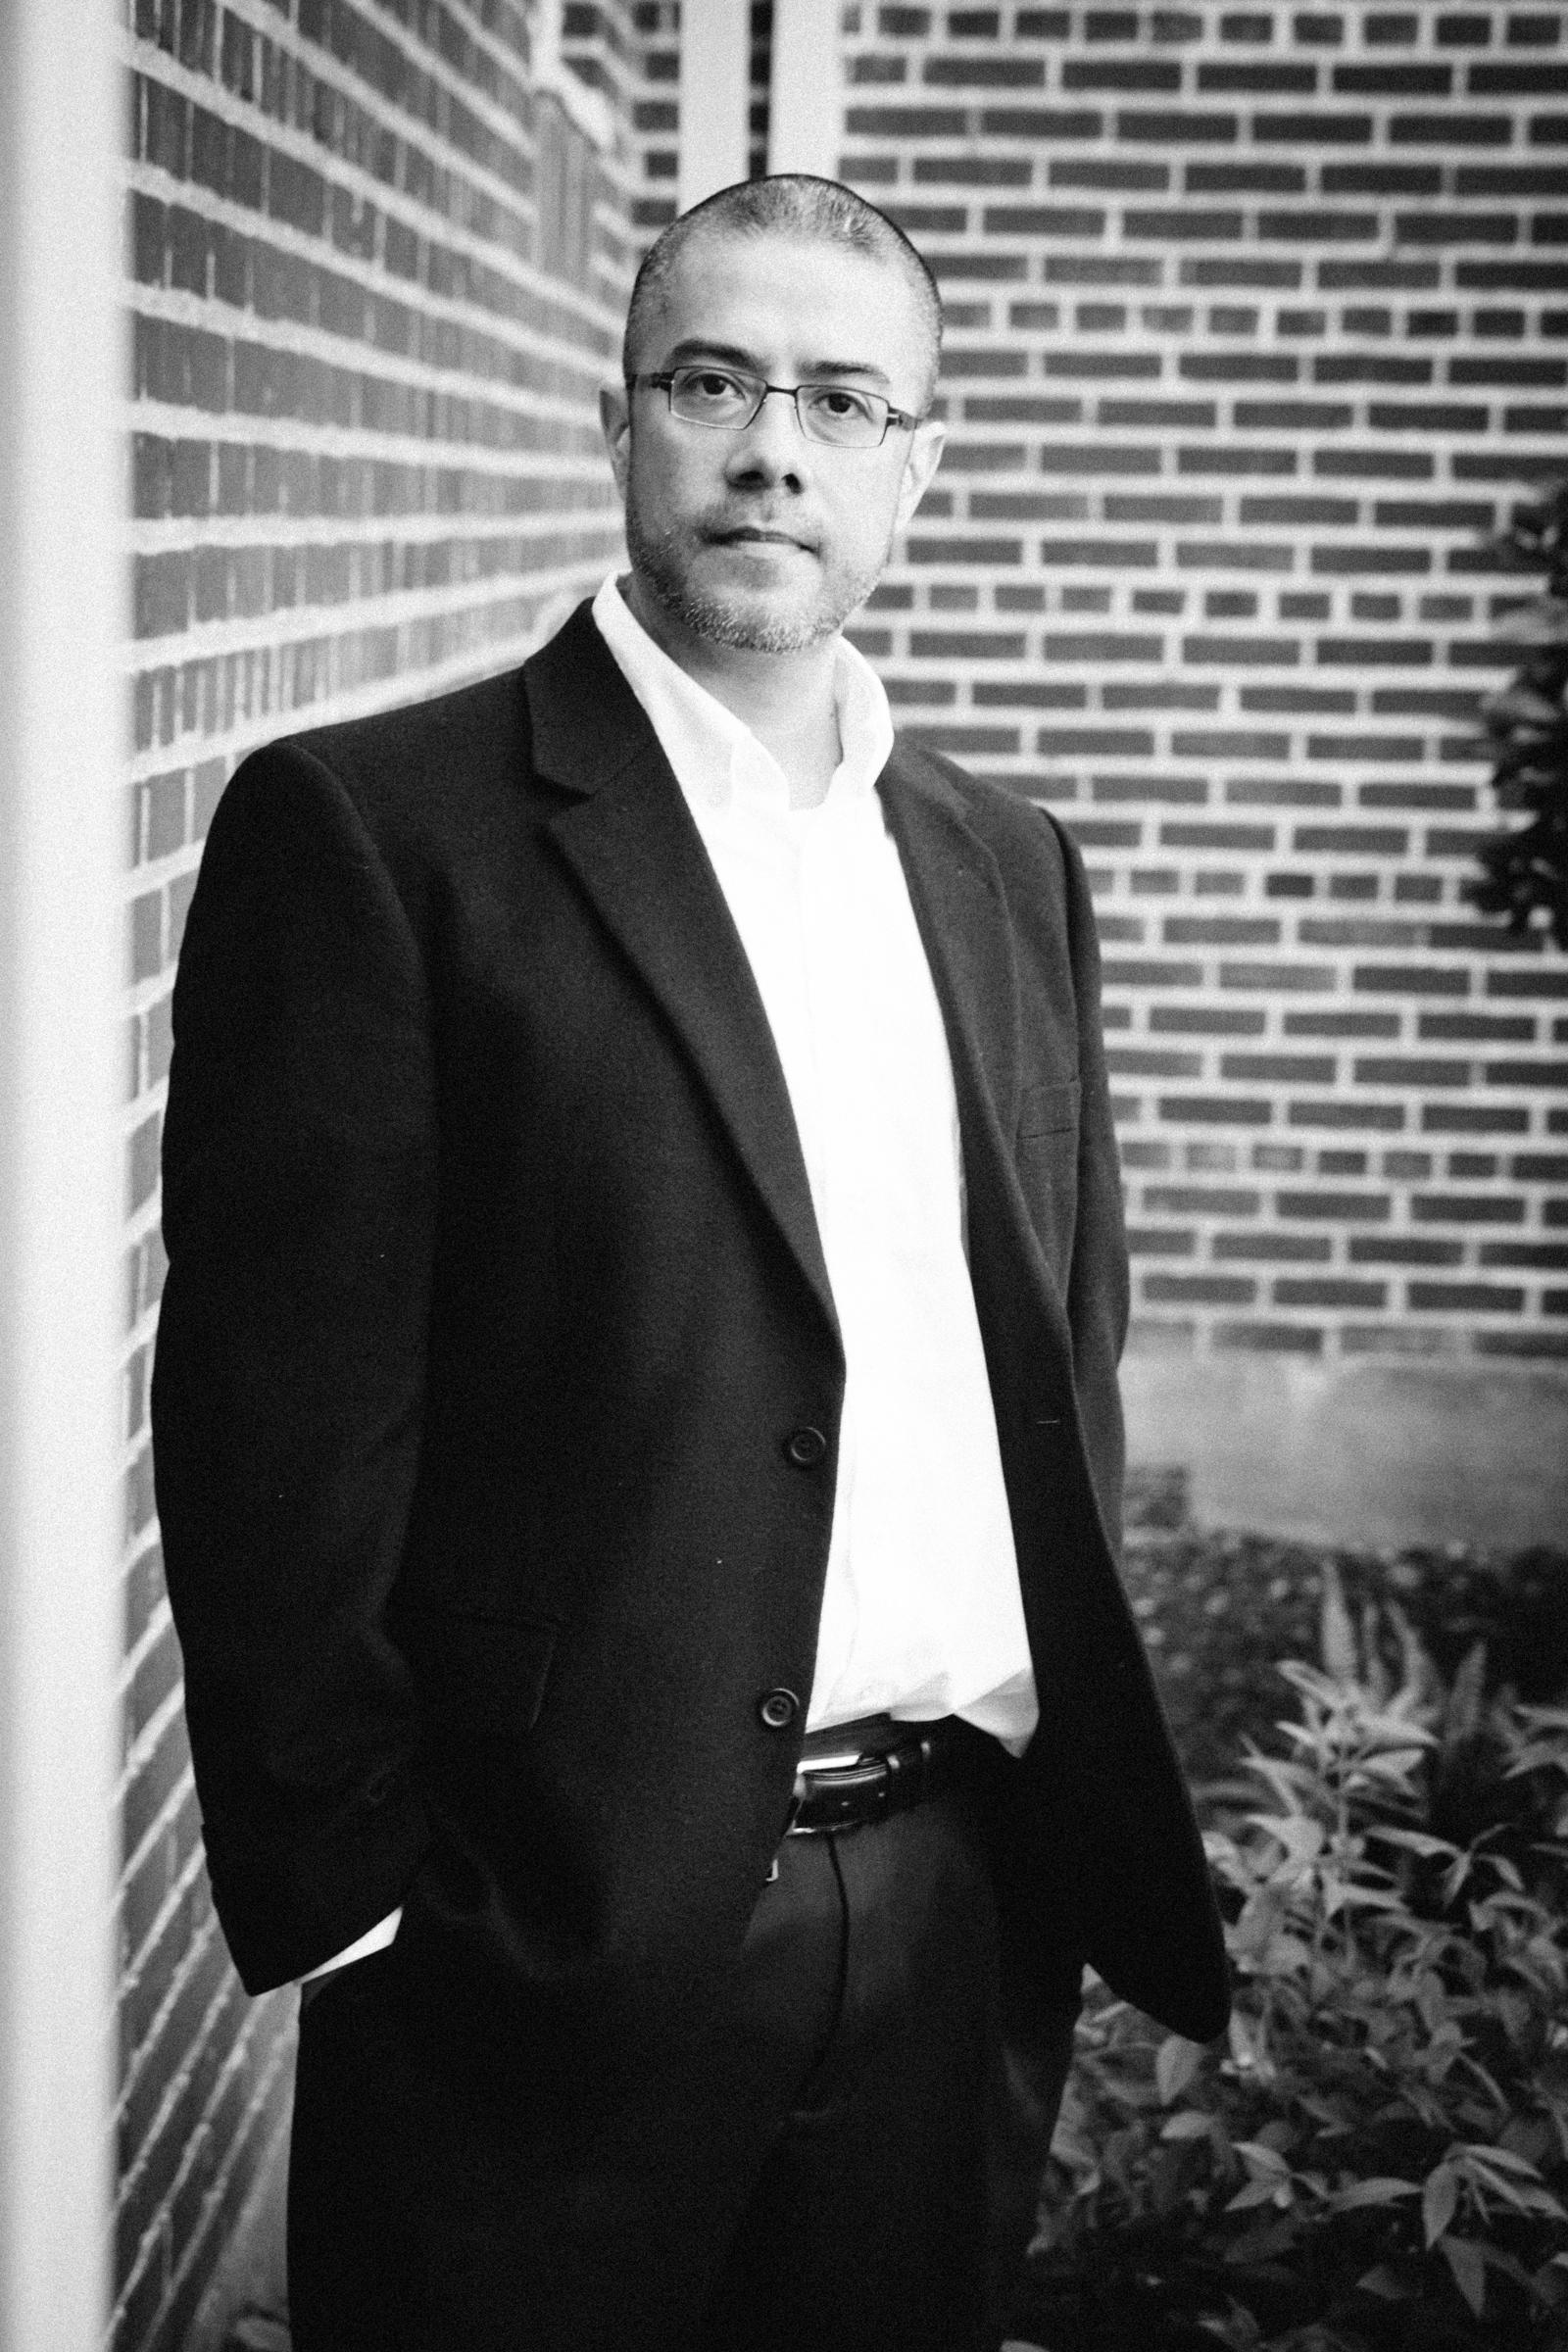 Daniel Pascoe Aguilar. Our Stories, Our Communities; UO Diversity